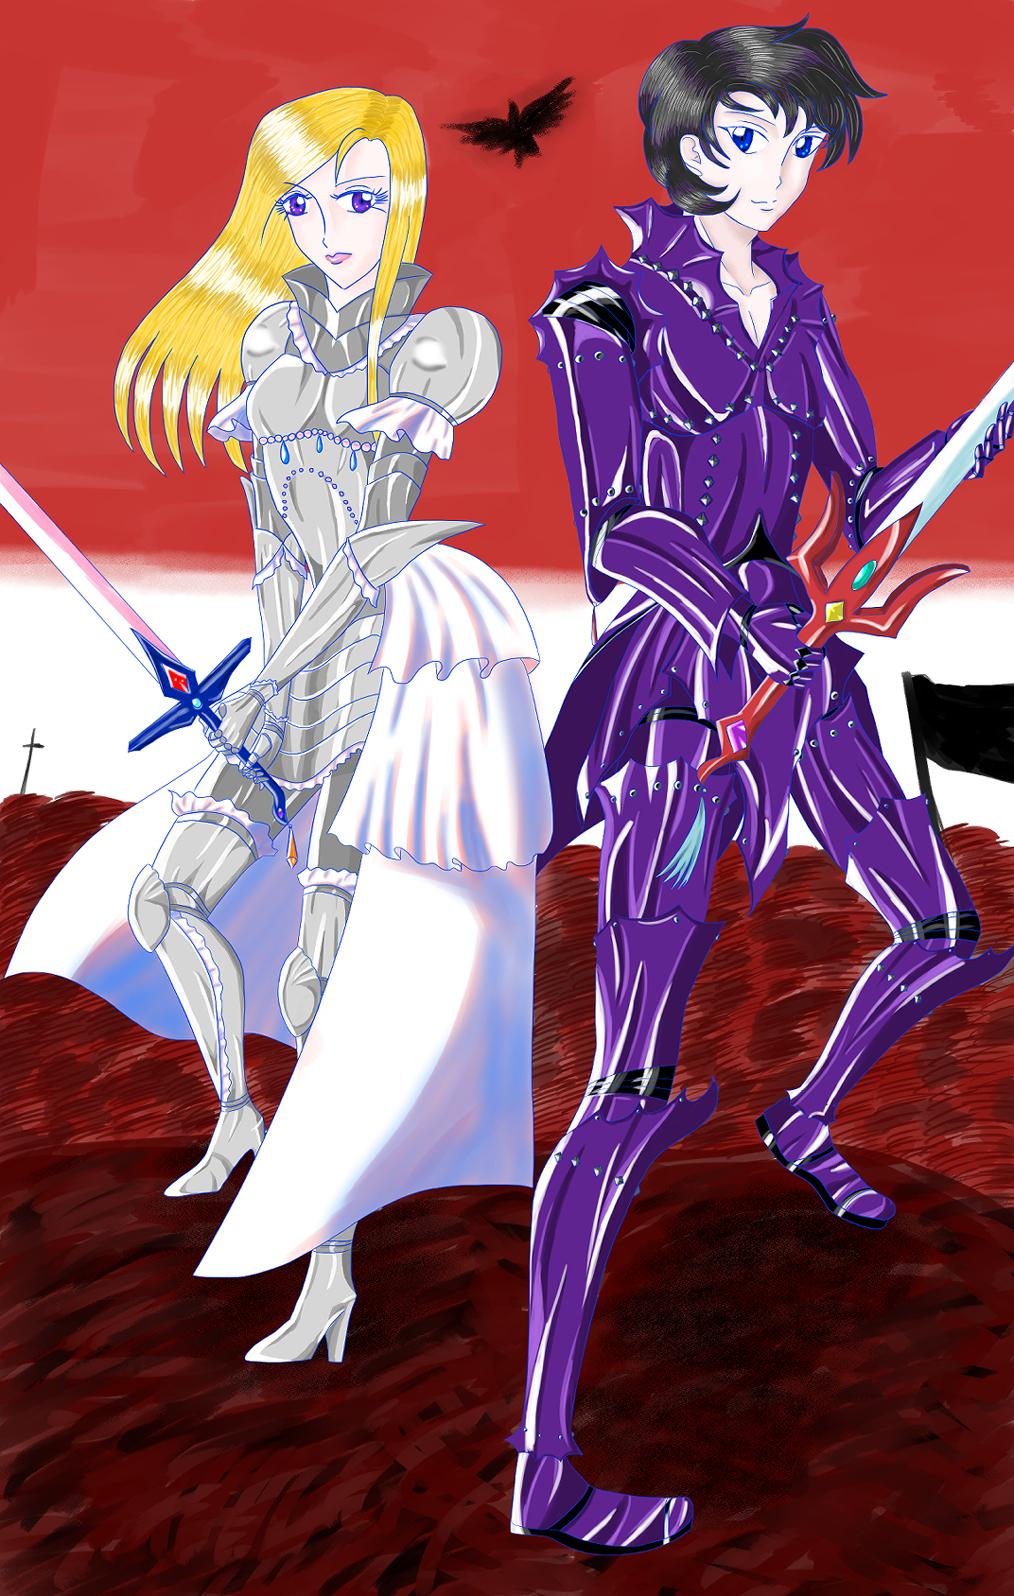 聖騎士と闇騎士